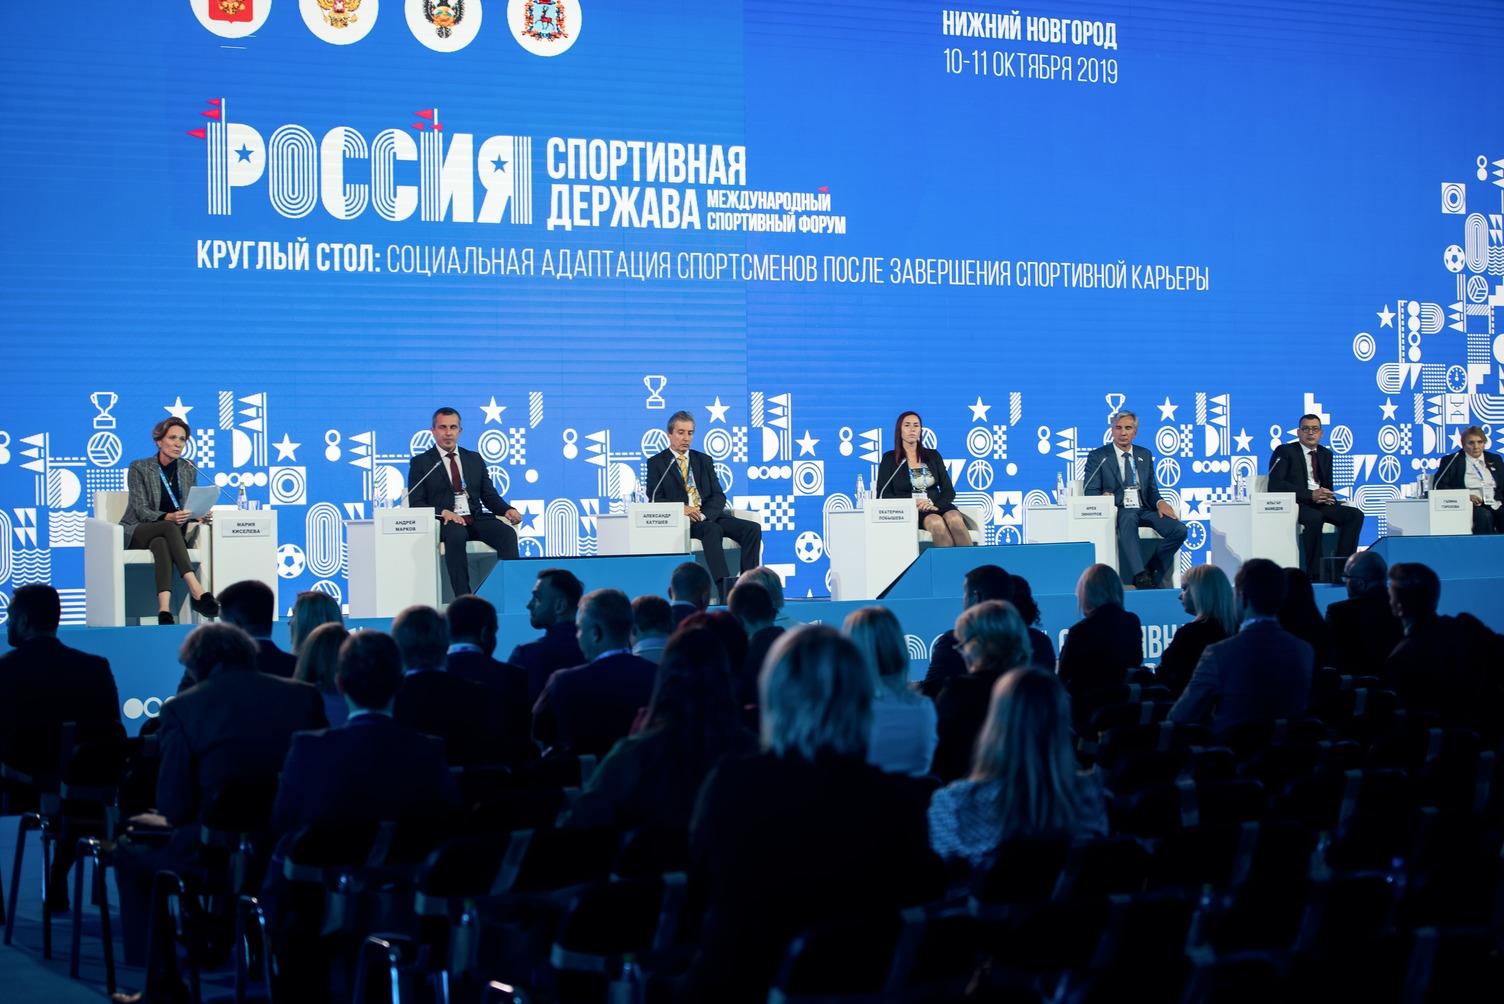 «Синергия» выступила соорганизатором форума «Россия – спортивная держава»